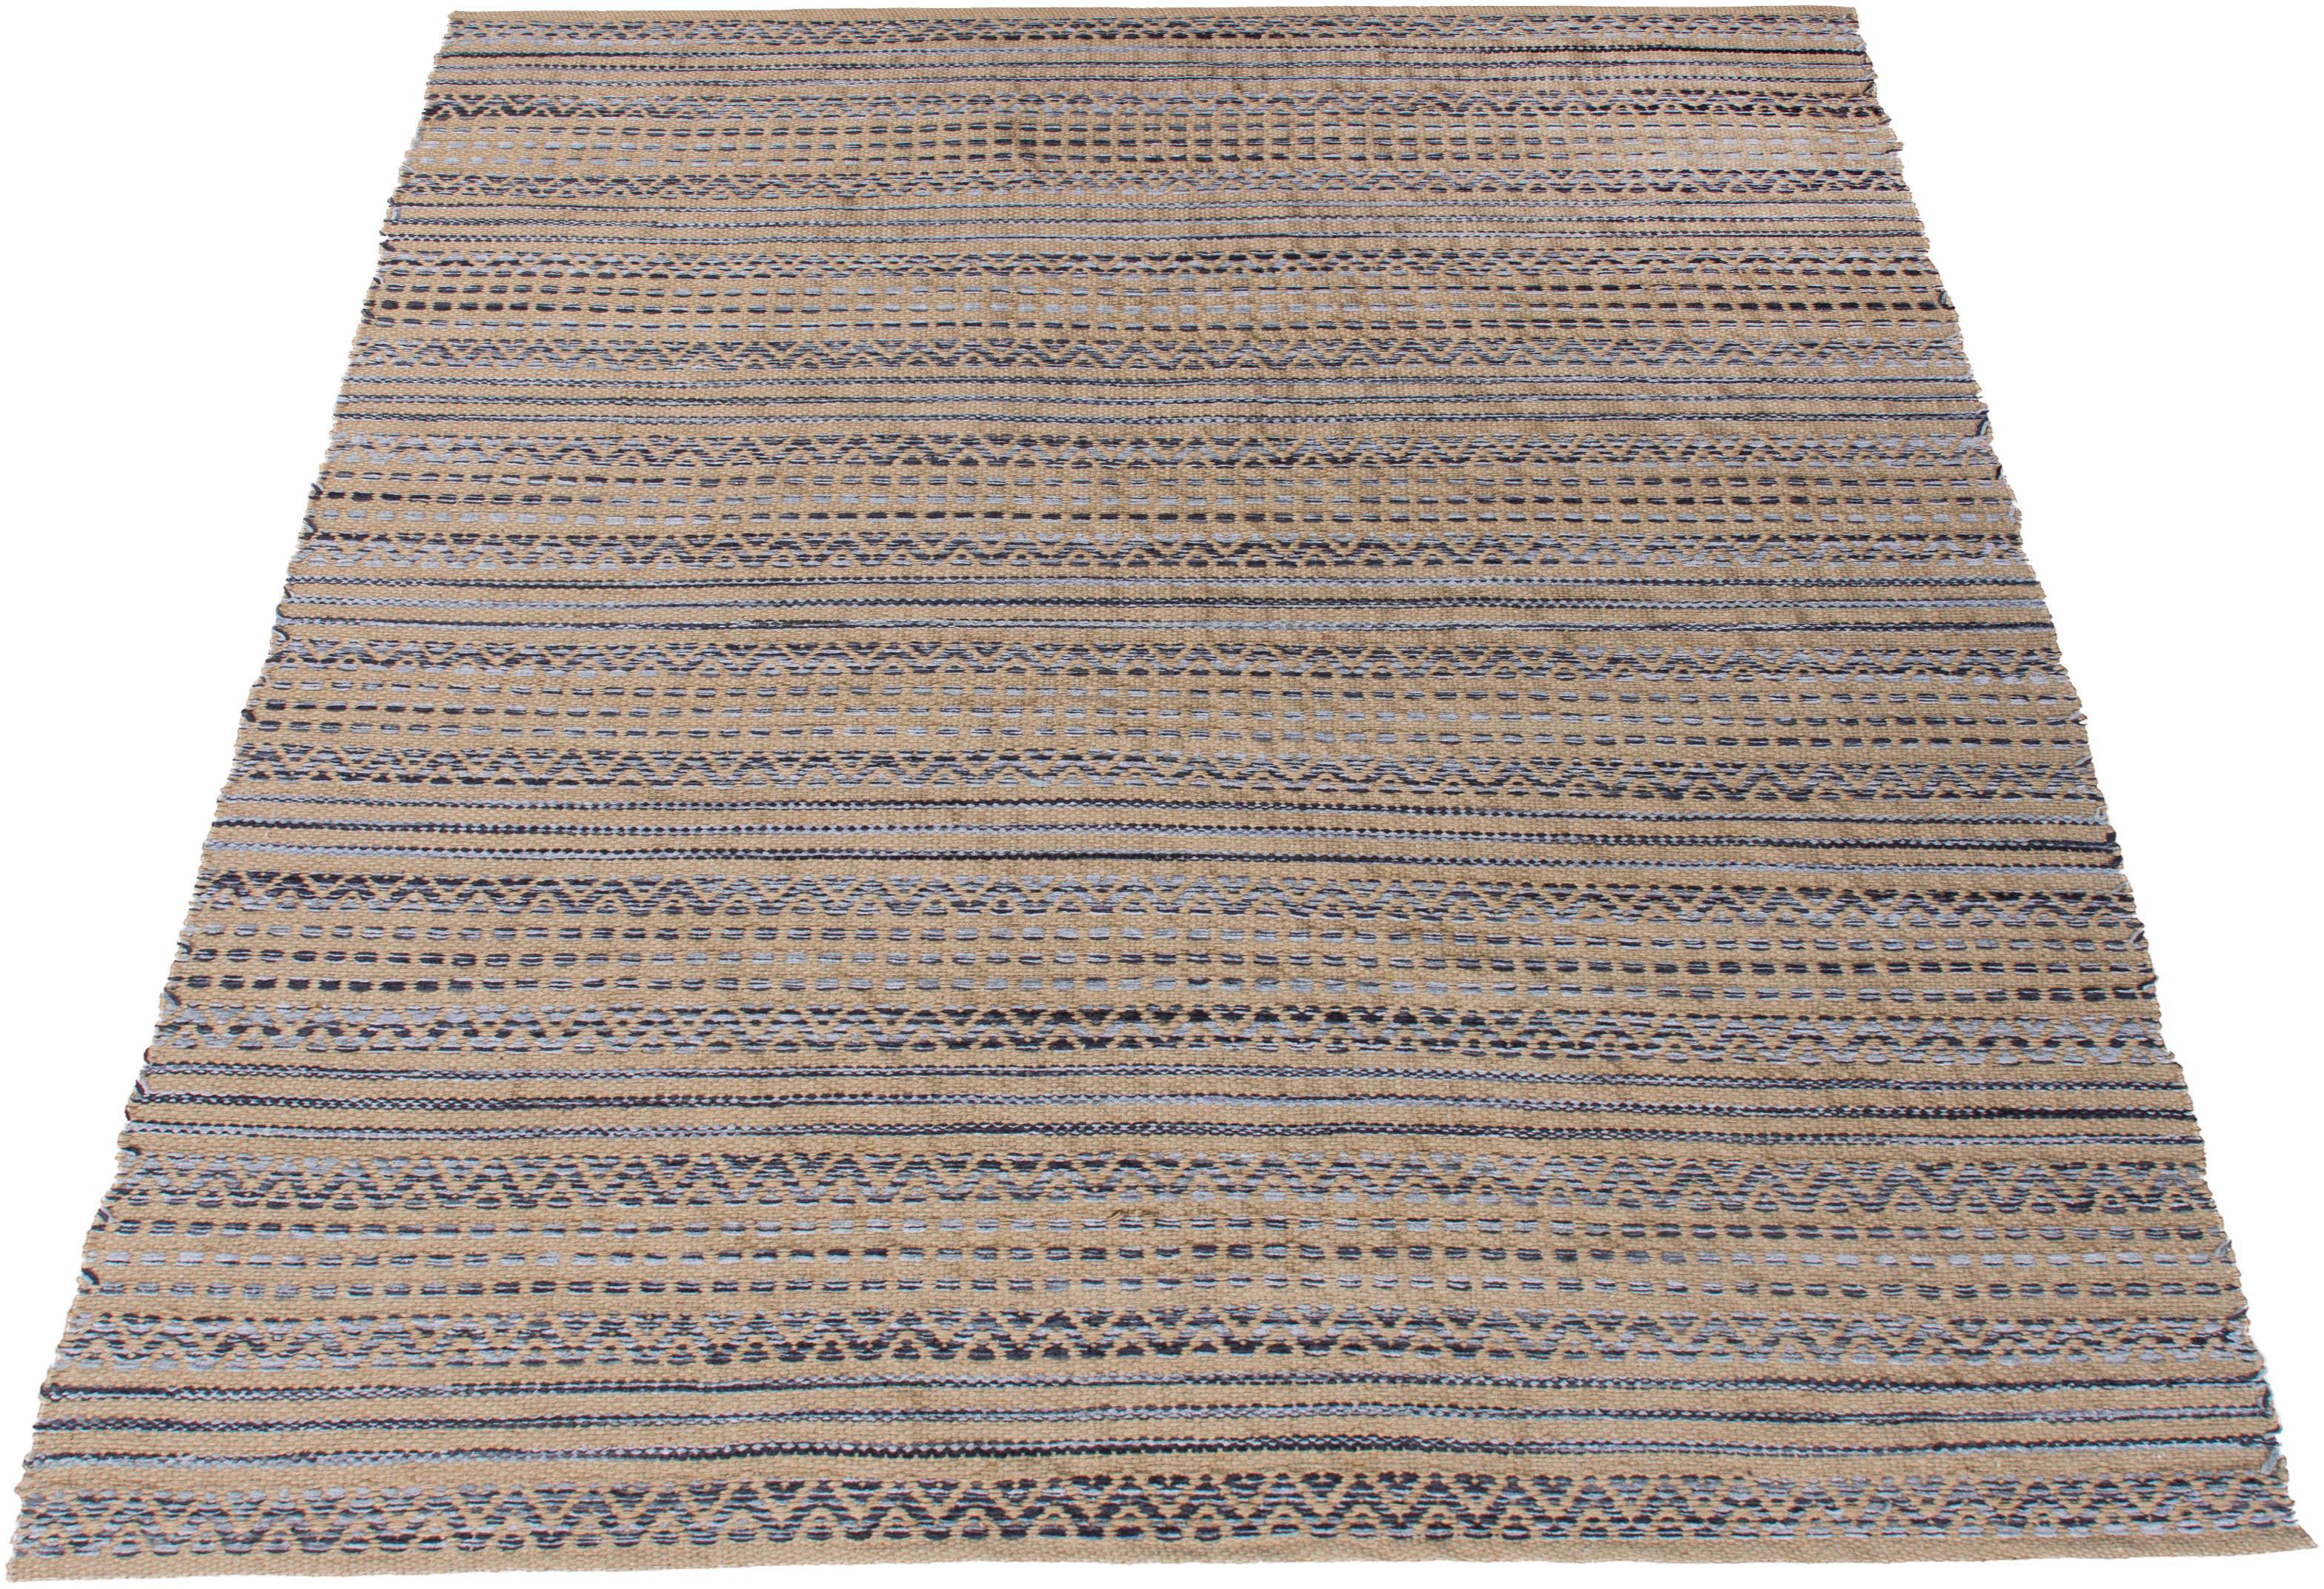 Teppich Marius OTTO products rechteckig Höhe 14 mm handgewebt